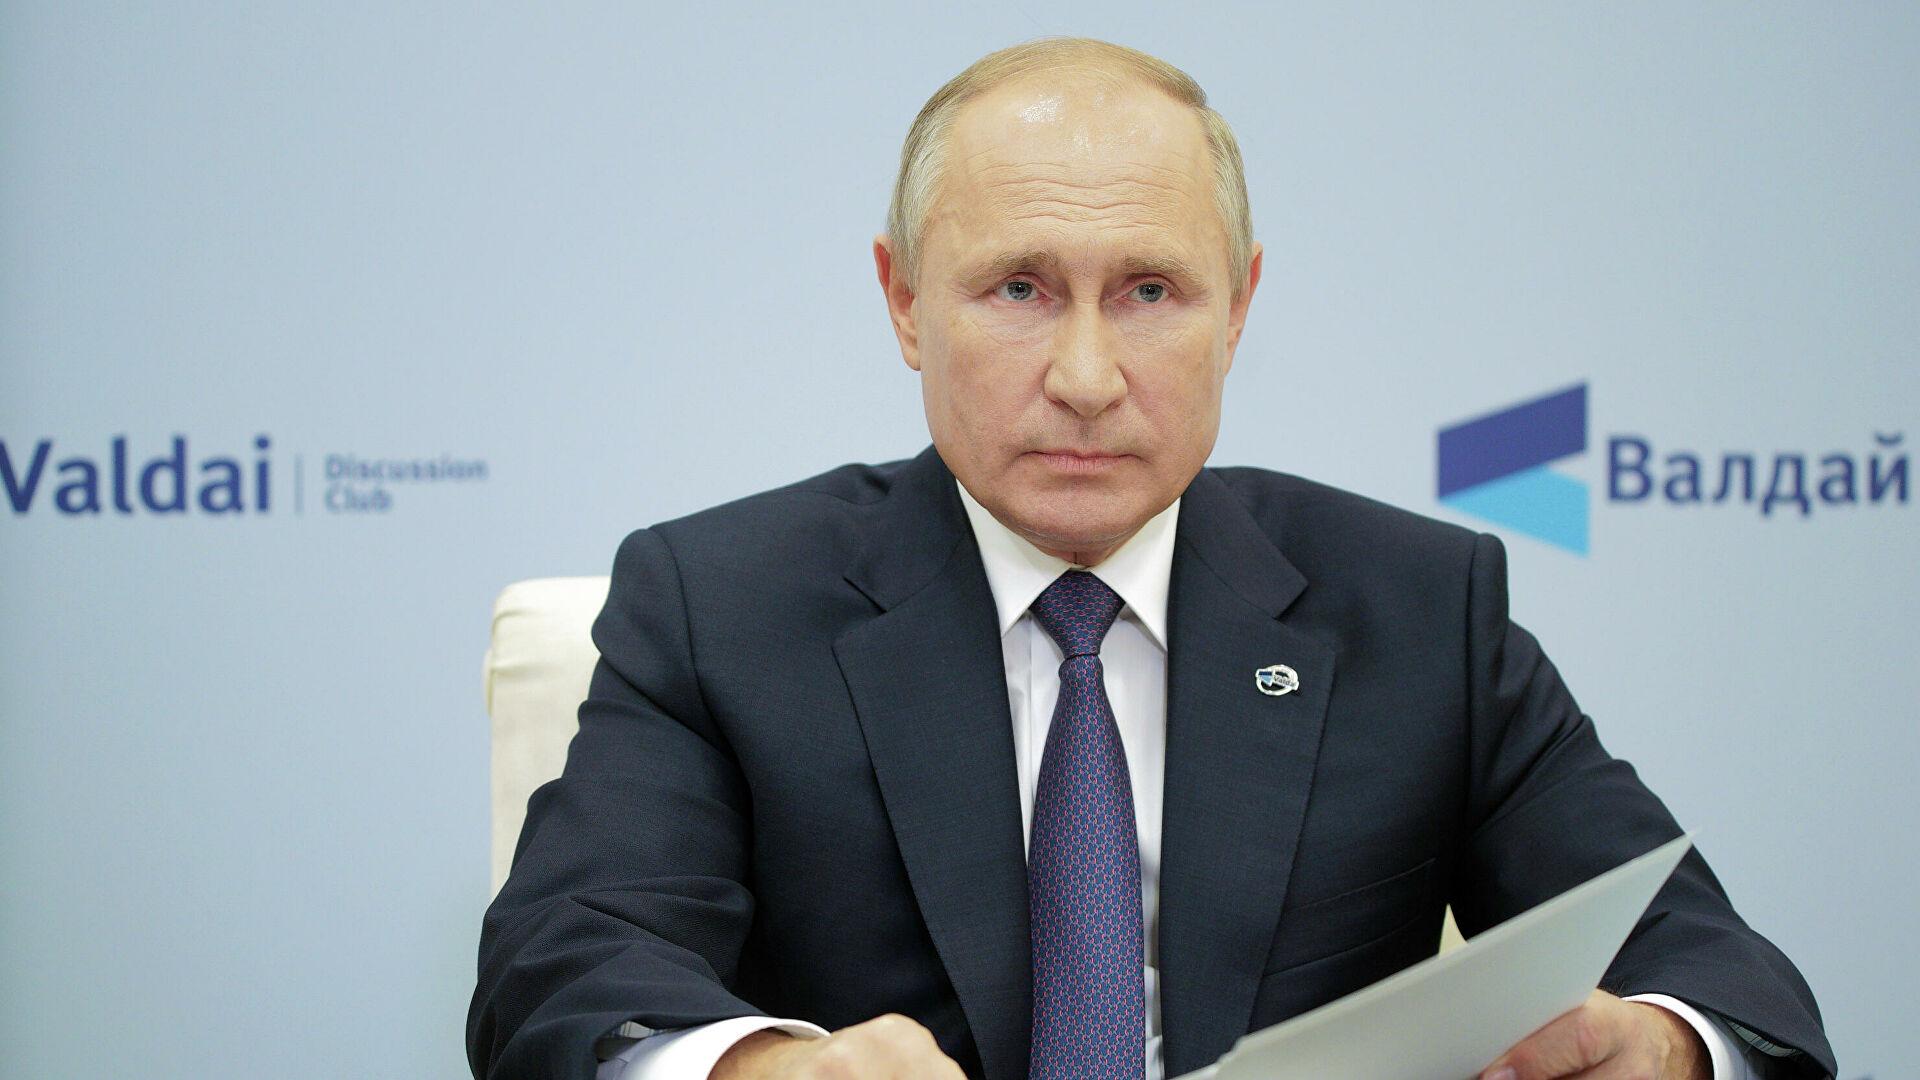 Путин: Сарађујемо са САД-ом упркос нашим бројним контрадикцијама у многим областима